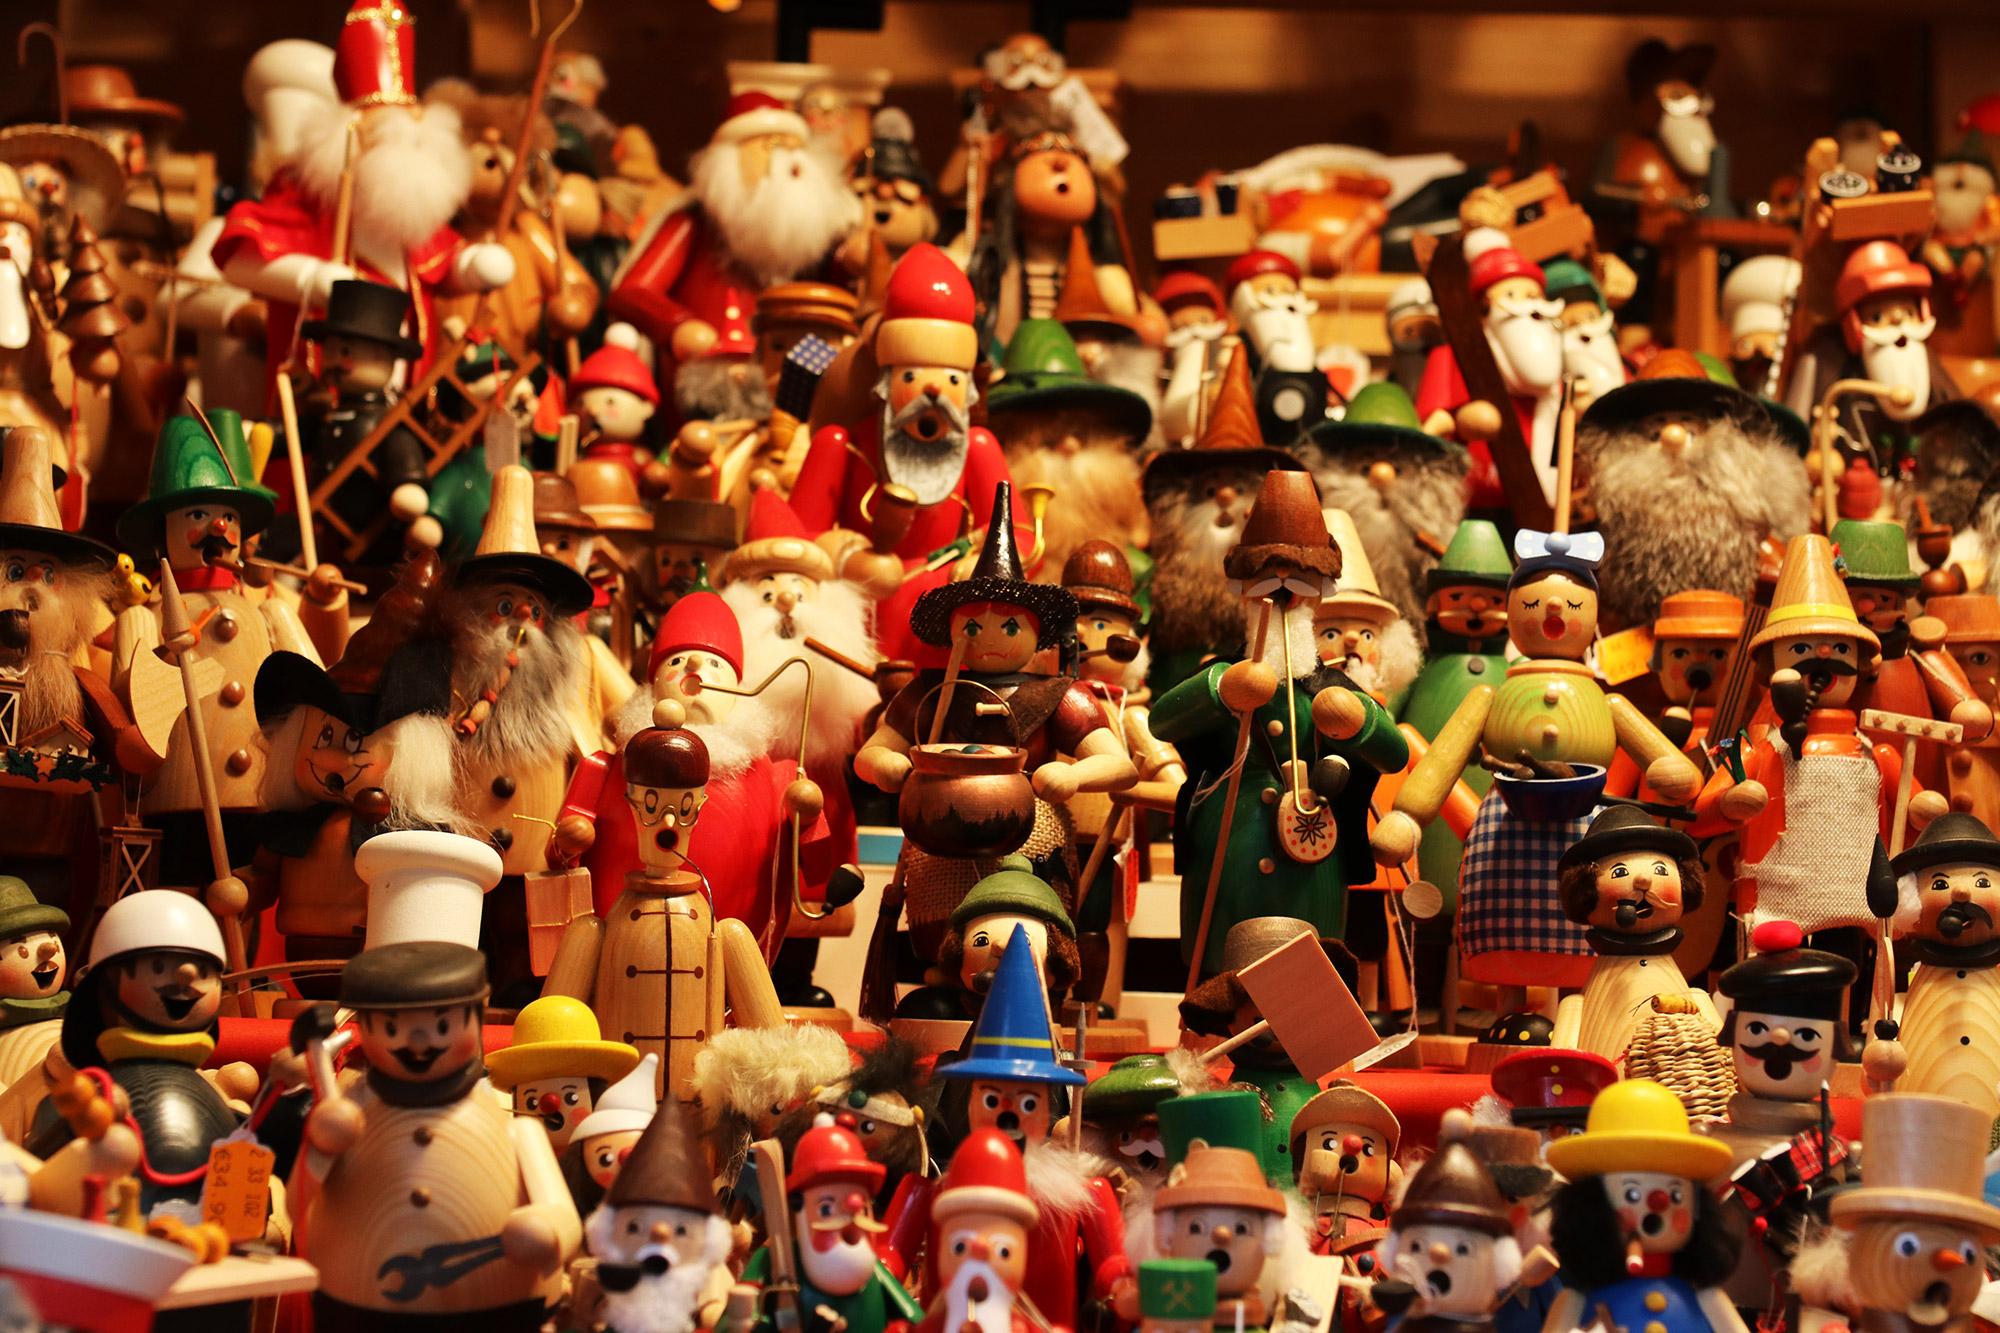 Oberhausen kerstmarkt, mijn tips - Rauchermänner